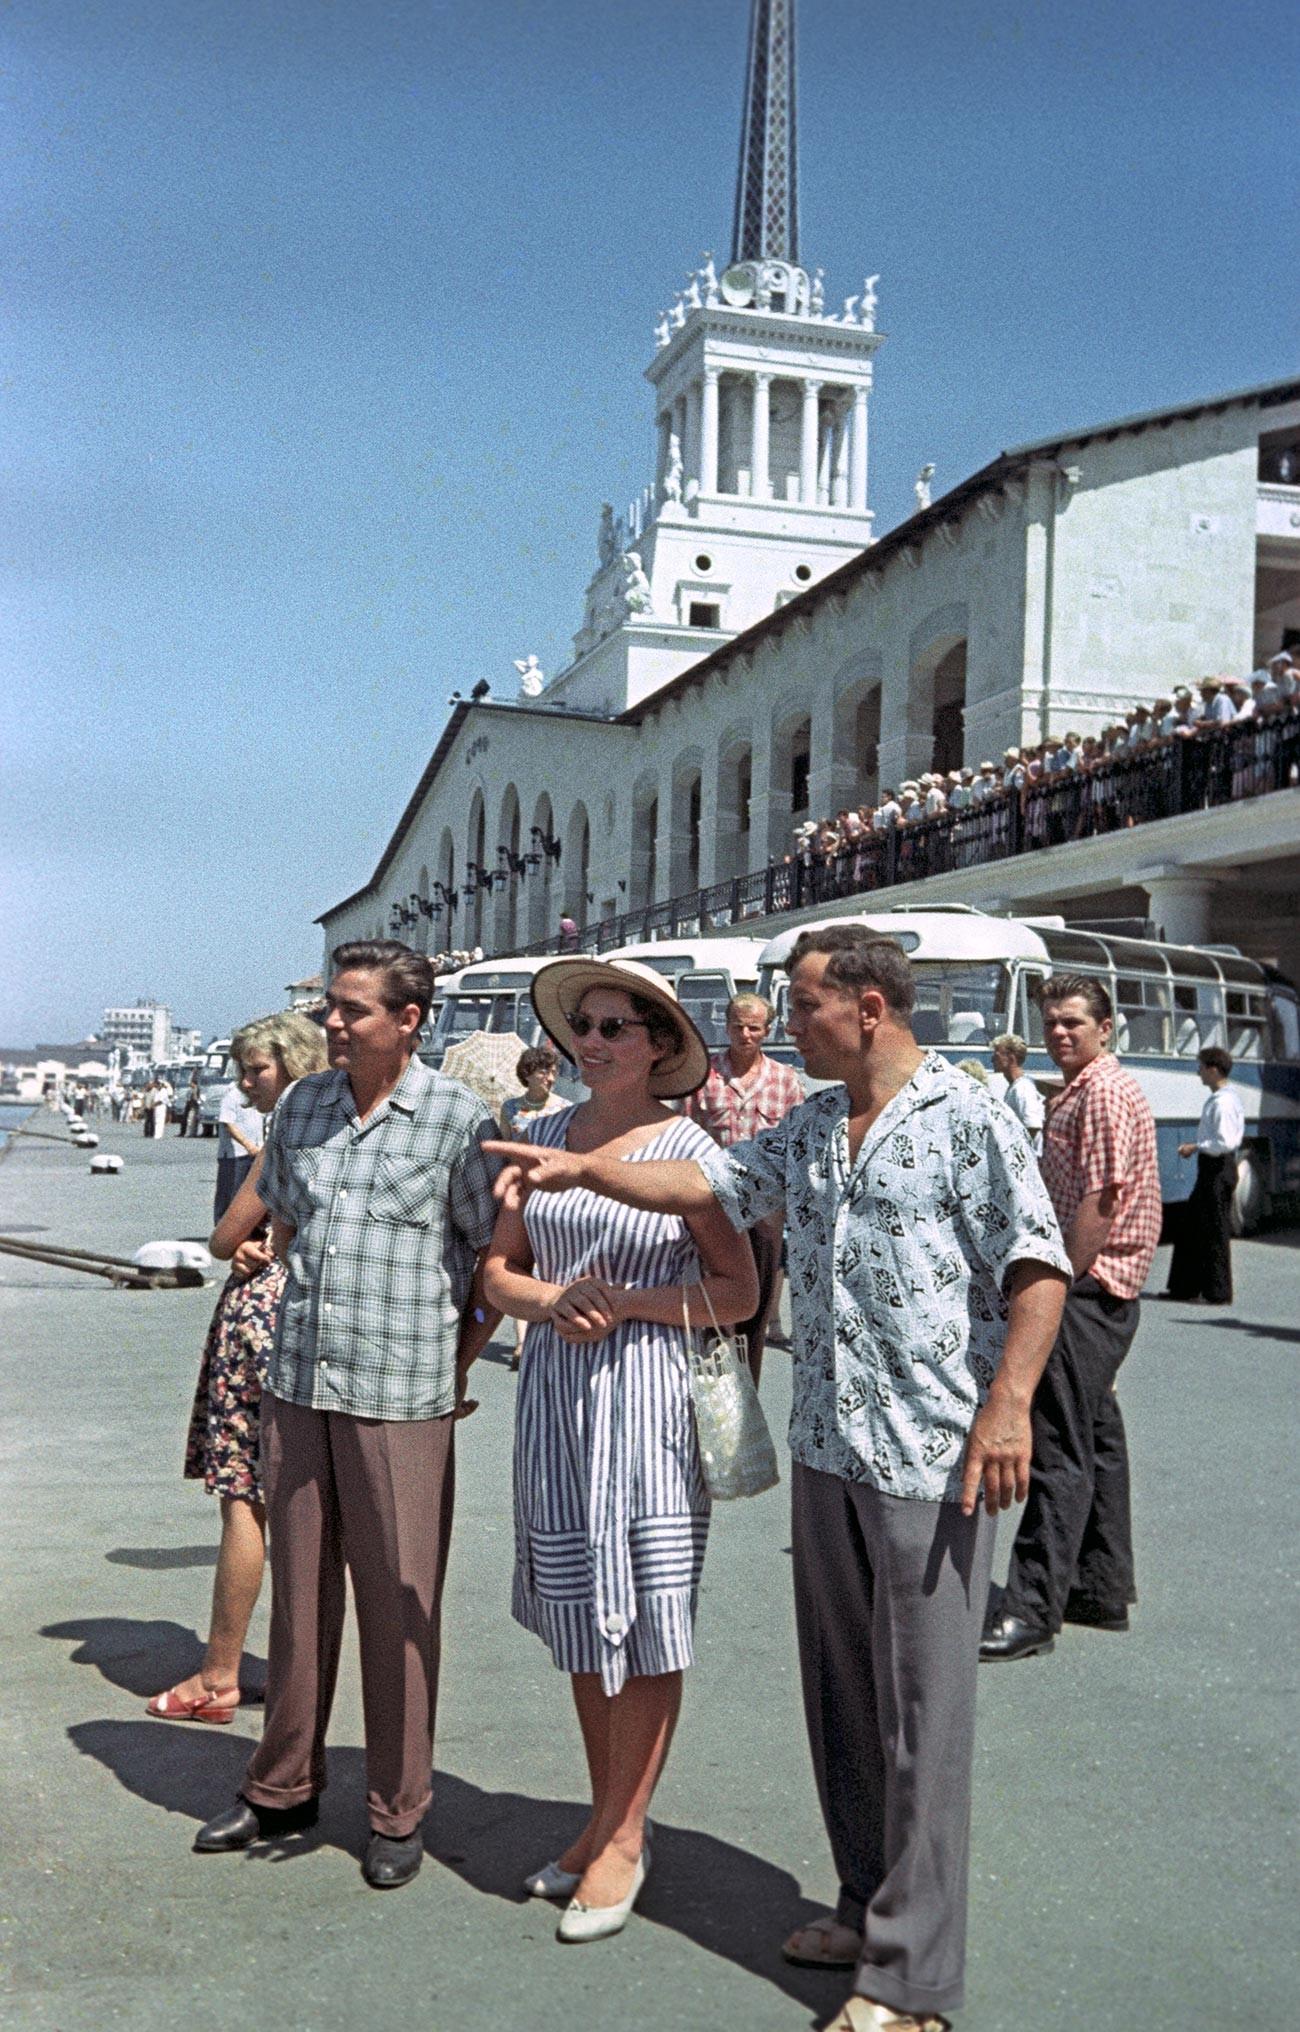 Kandidata za polet v vesolje Andrijan Nikolajev (levo) in Pavel Popovič s soprogo Marino pred rečnim terminalom v Sočiju (avgust, 1962).